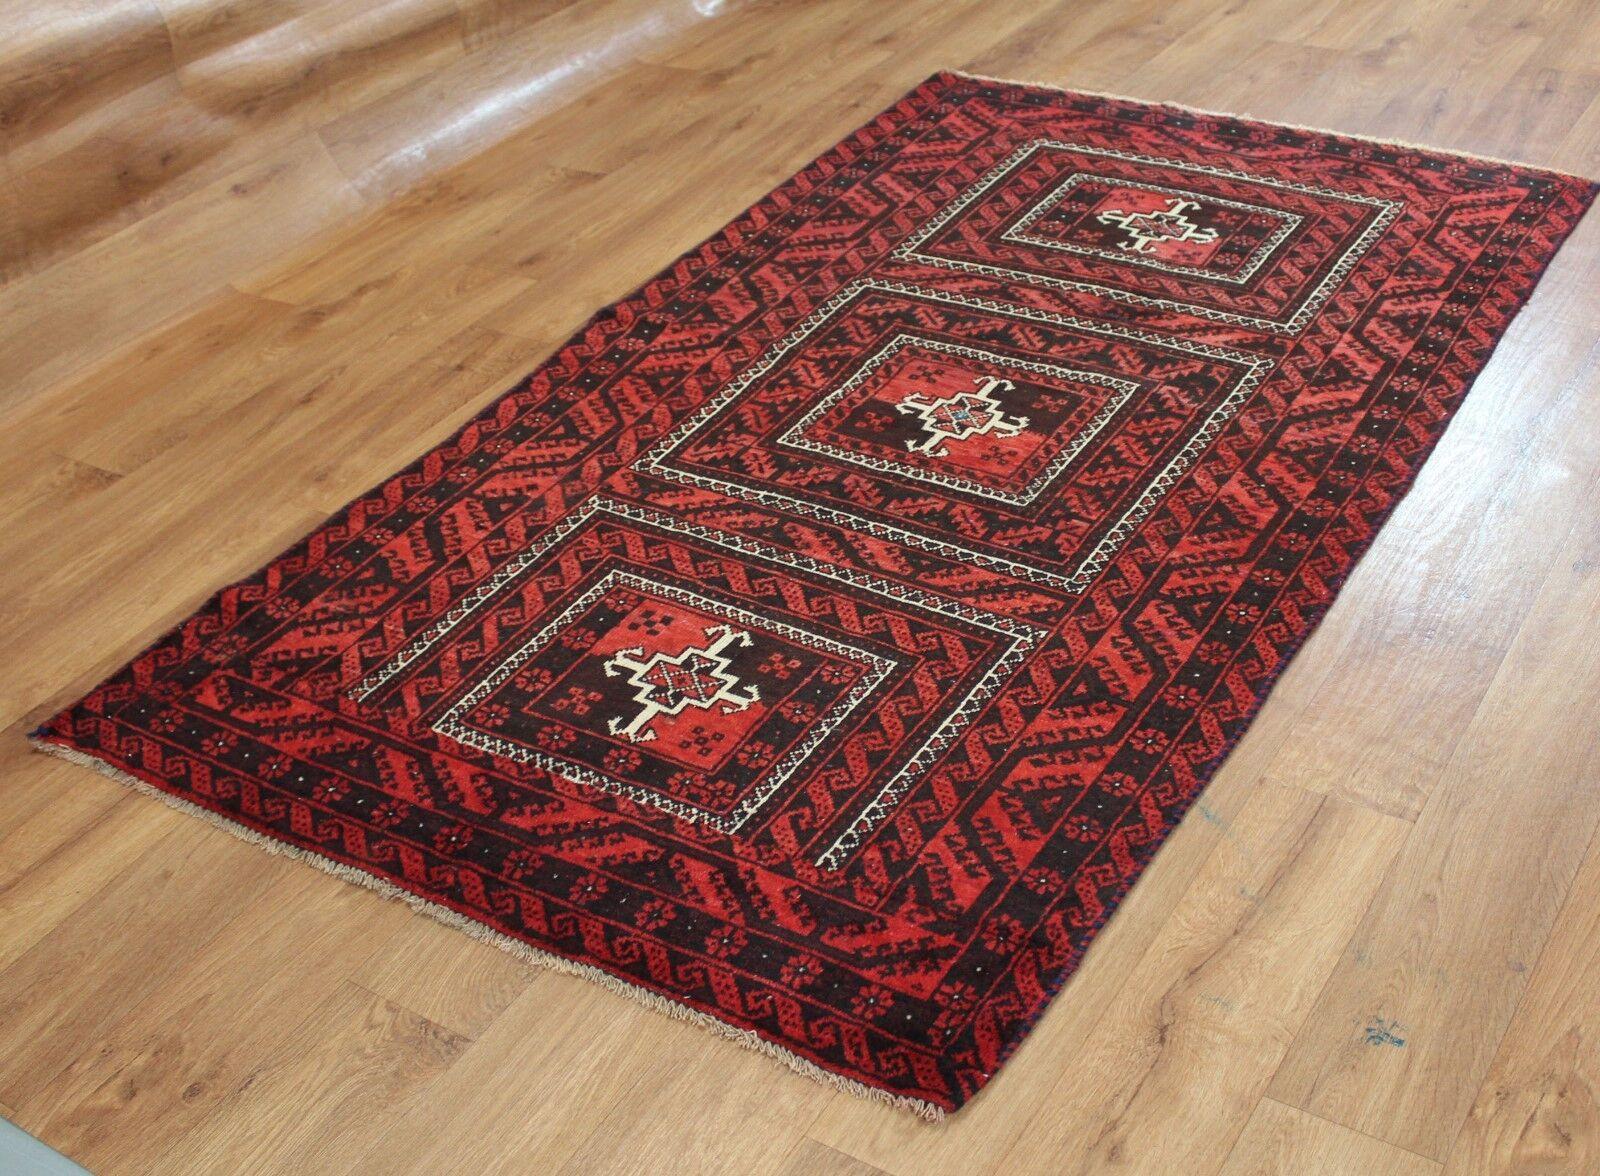 Traditionnel Vintage Laine Fait Main Classique Oriental Oriental Oriental Zone Tapis Moquette 200 x 106 cm | D'ornement  b78844